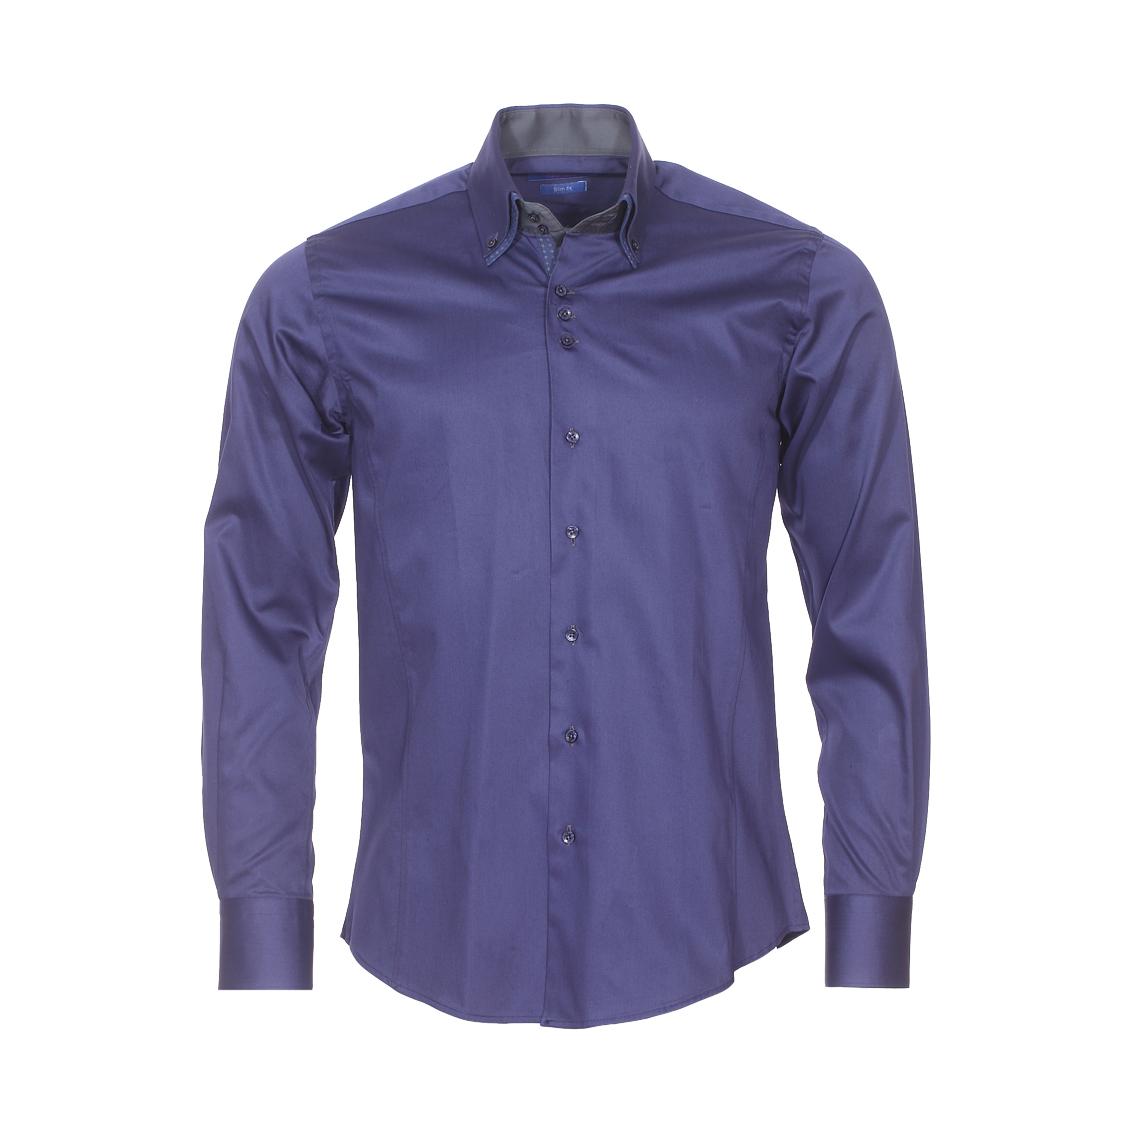 Chemise cintrée  en coton bleu marine à double col américain : 1 col bleu marine et 1 col bleu à motifs géométriques